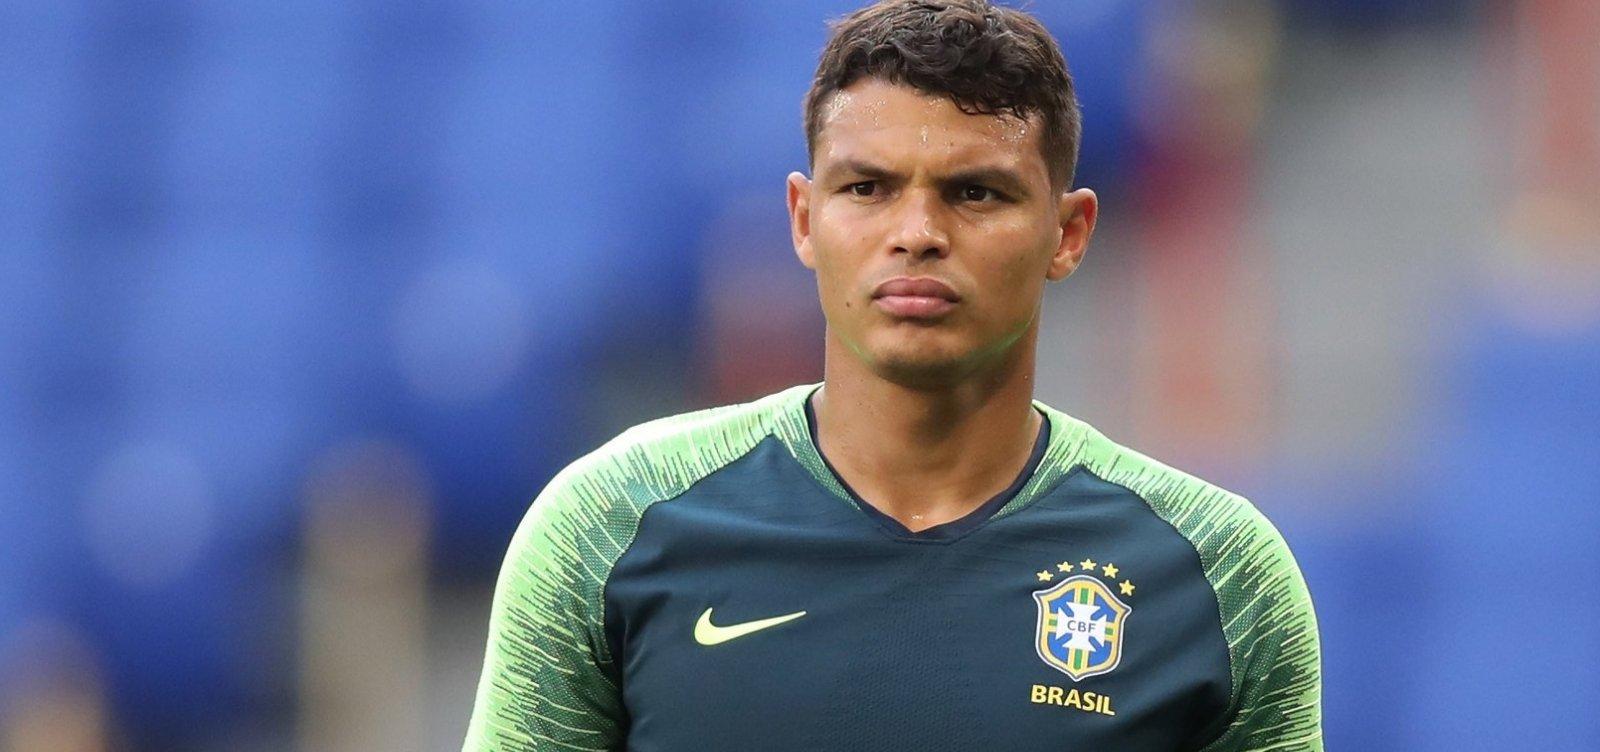 ['Estão exagerados', diz Thiago Silva sobre preços dos ingressos da Copa América]